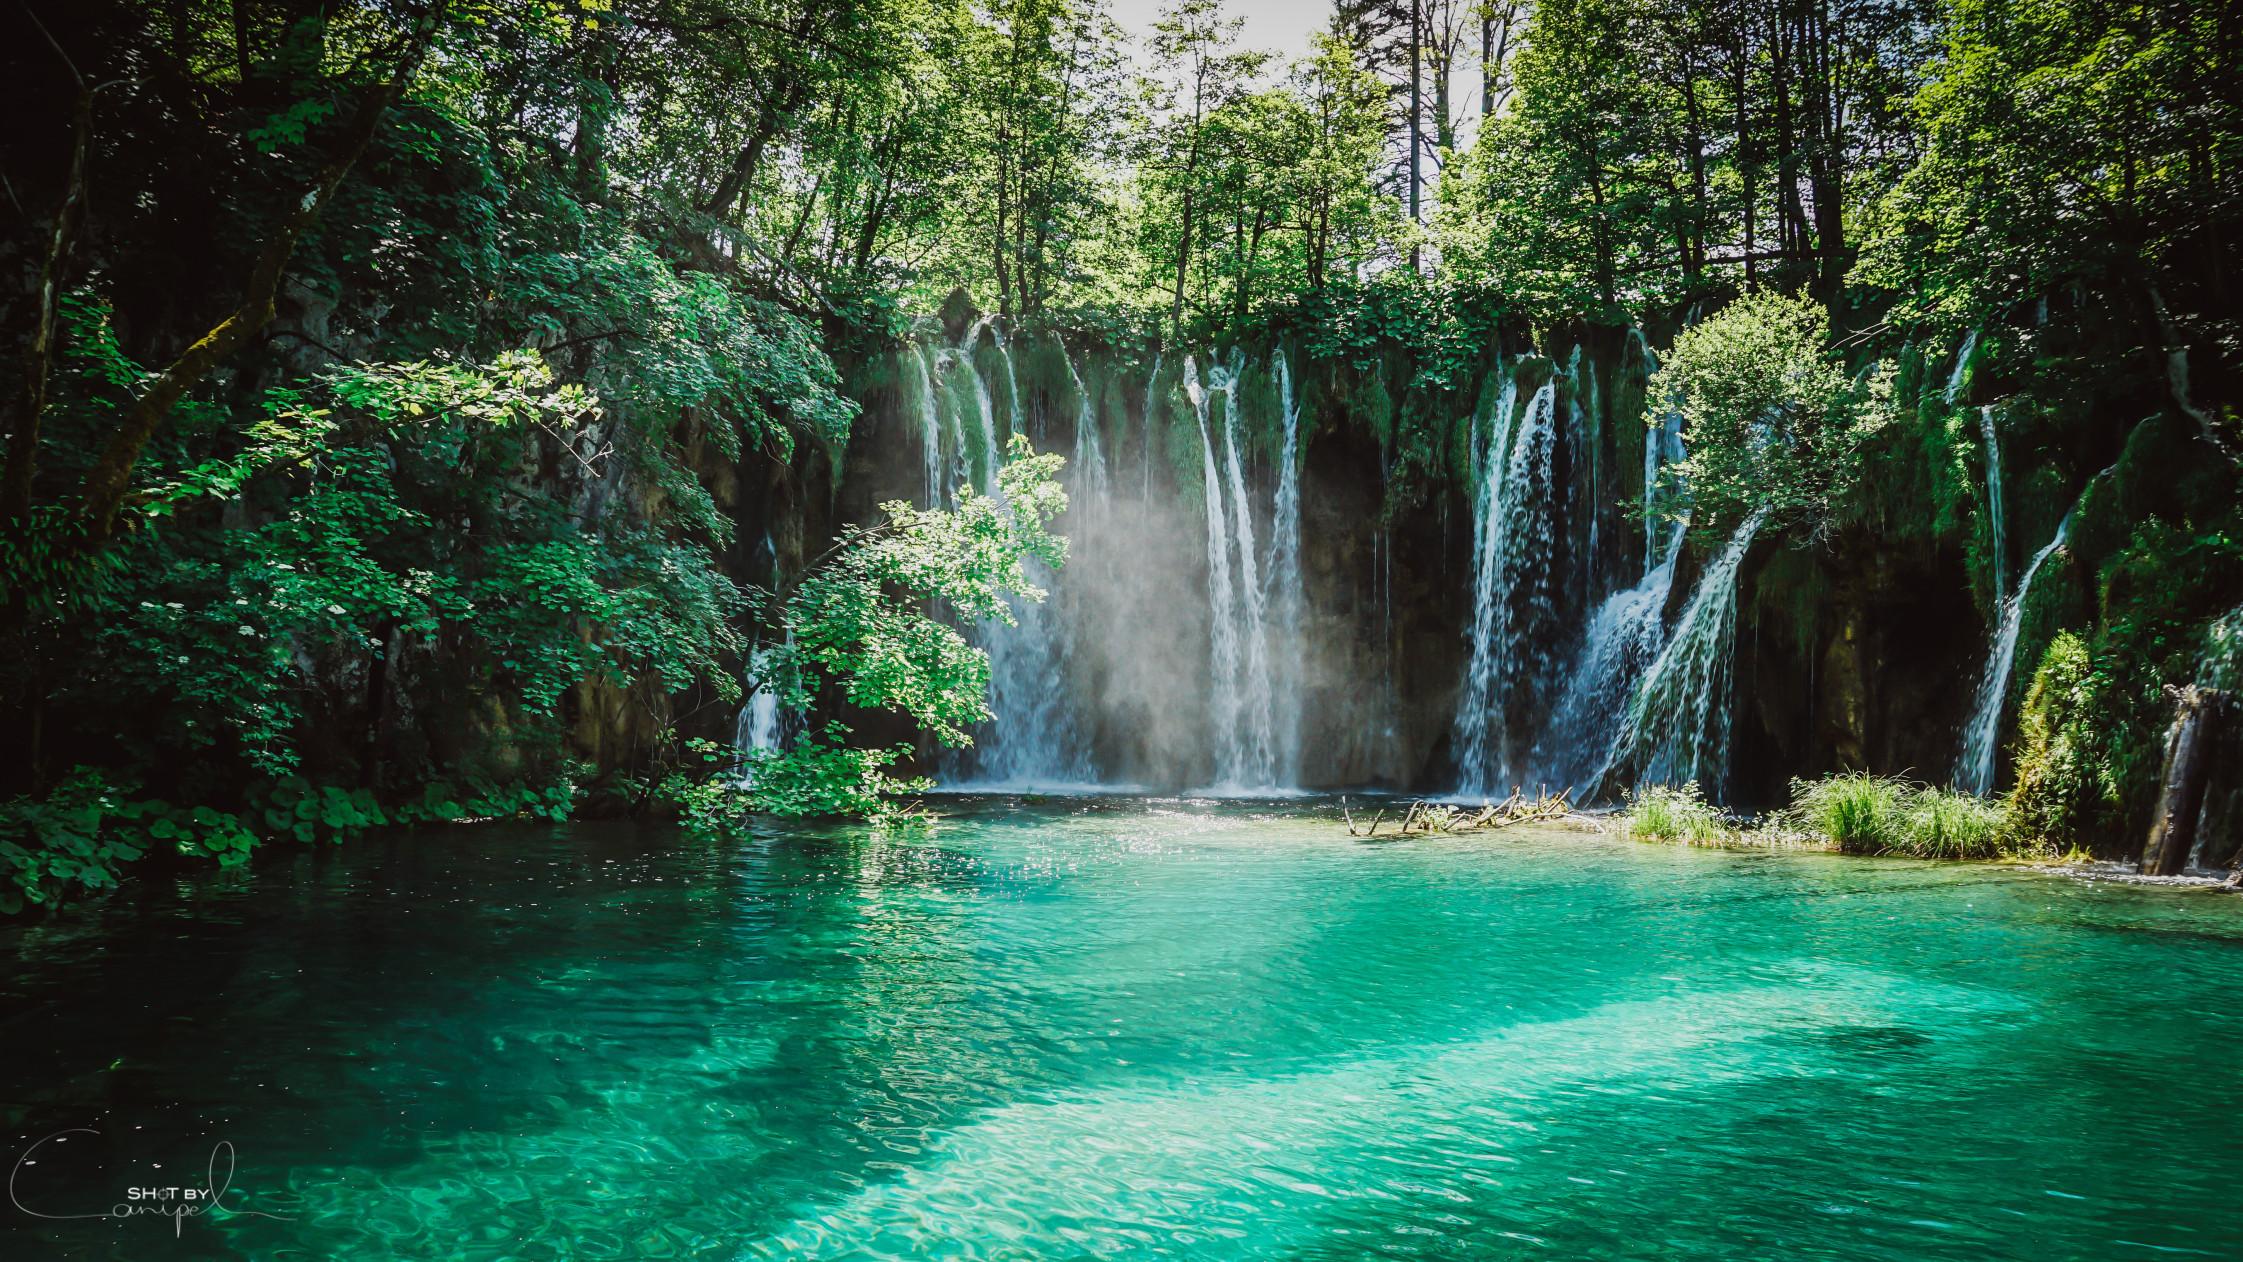 Notre sélection des plus jolis lieux à visiter en Europe